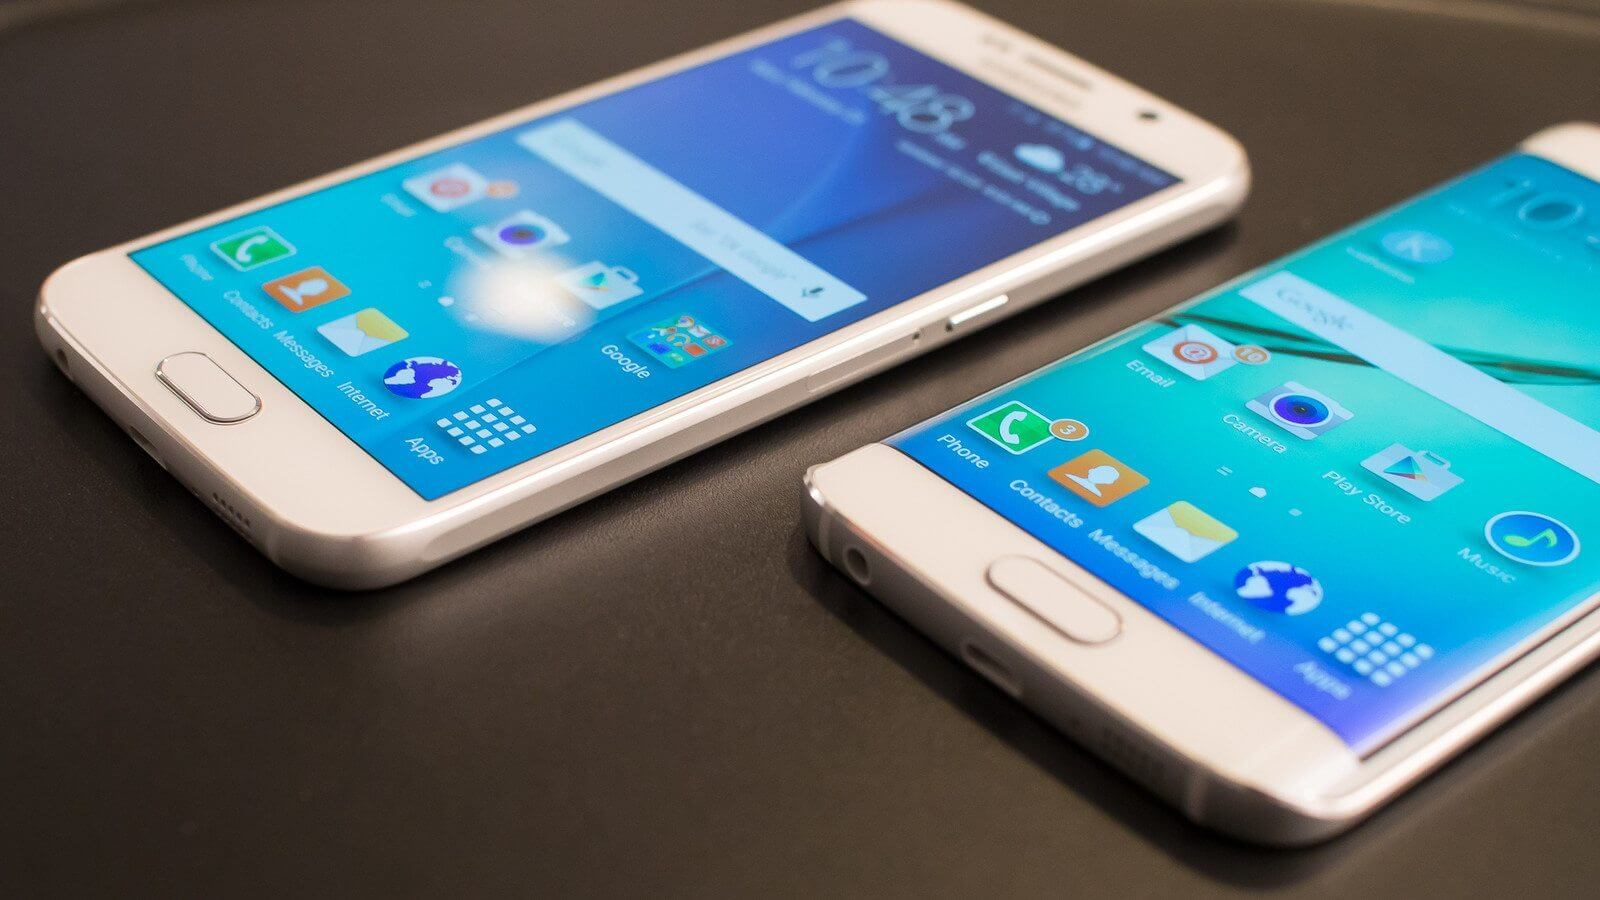 Esqueceu a senha? Veja como destravar o Galaxy S6/S6 Edge/Note 4/S5